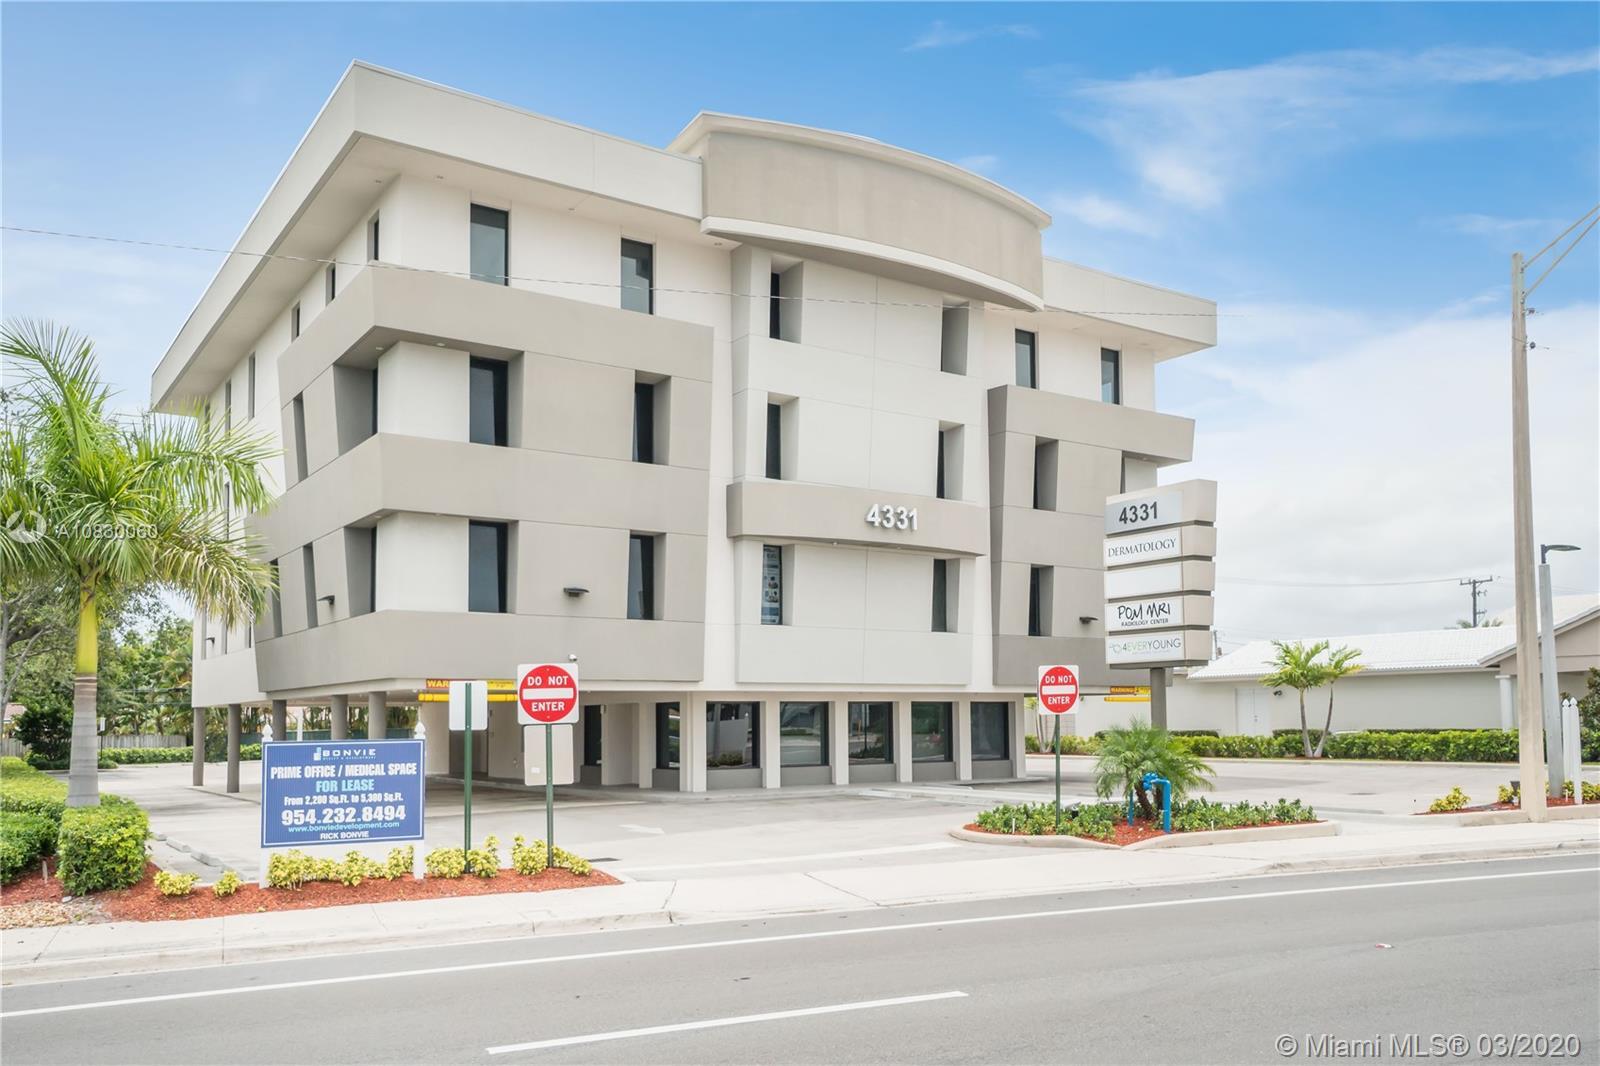 4331 N Federal Hwy Luxury Real Estate